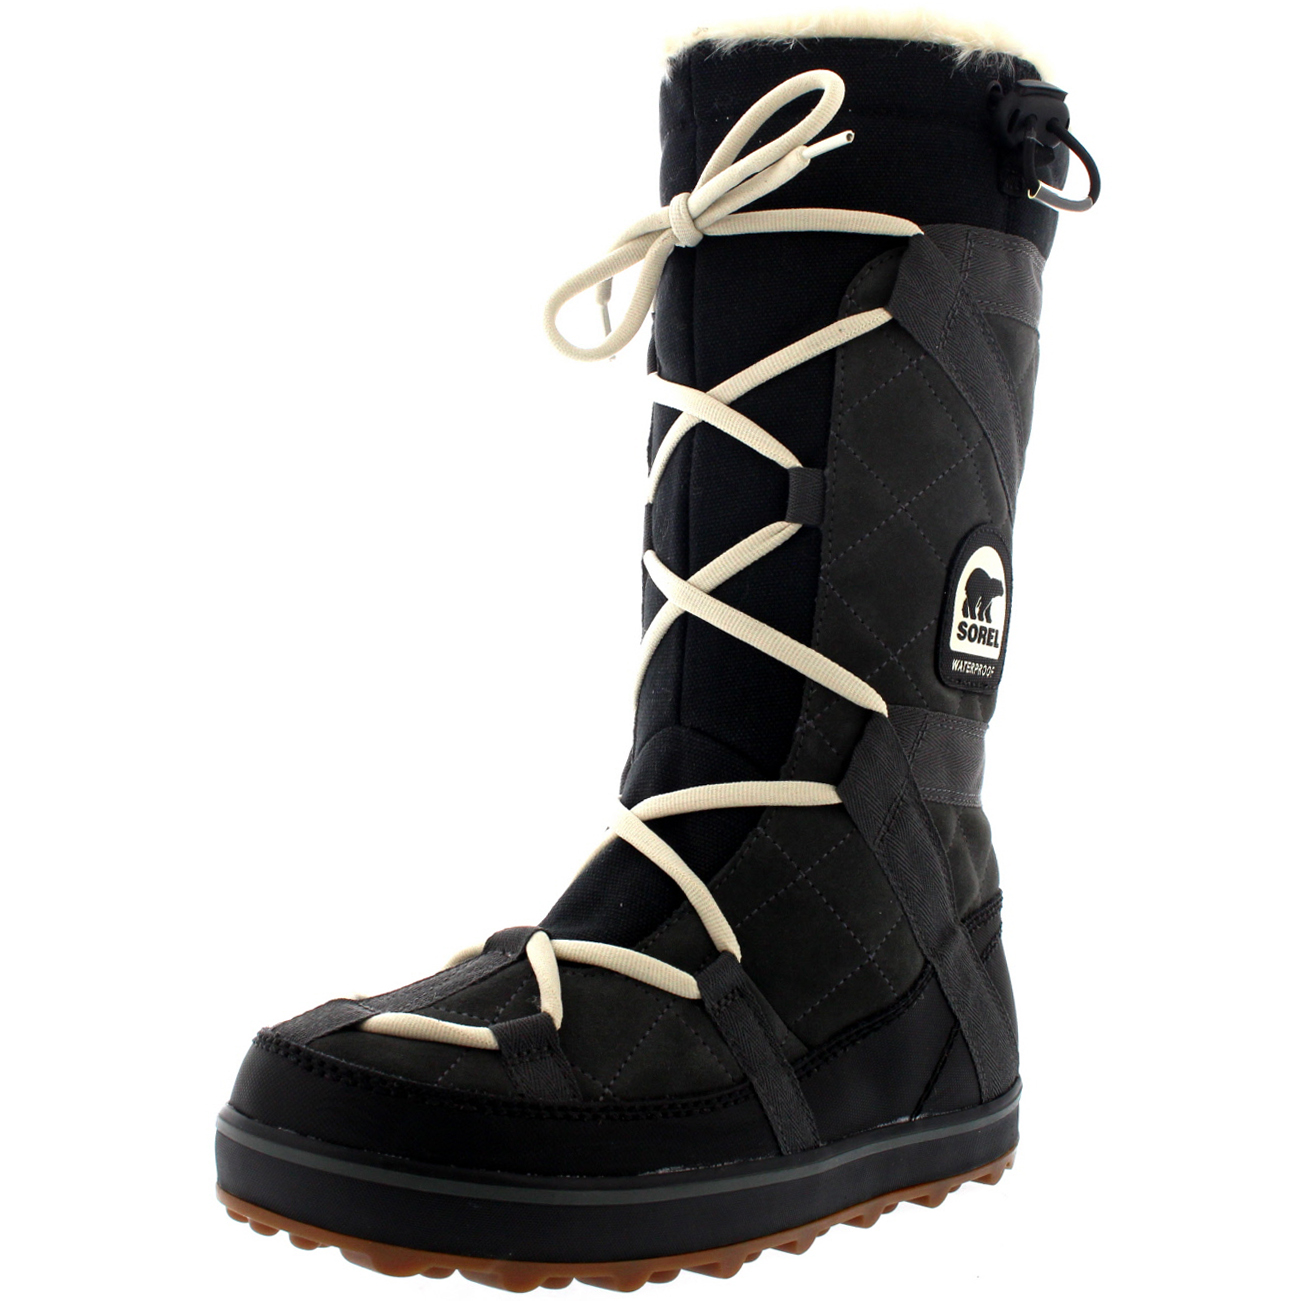 Sorel Snow Boots Boot Ri